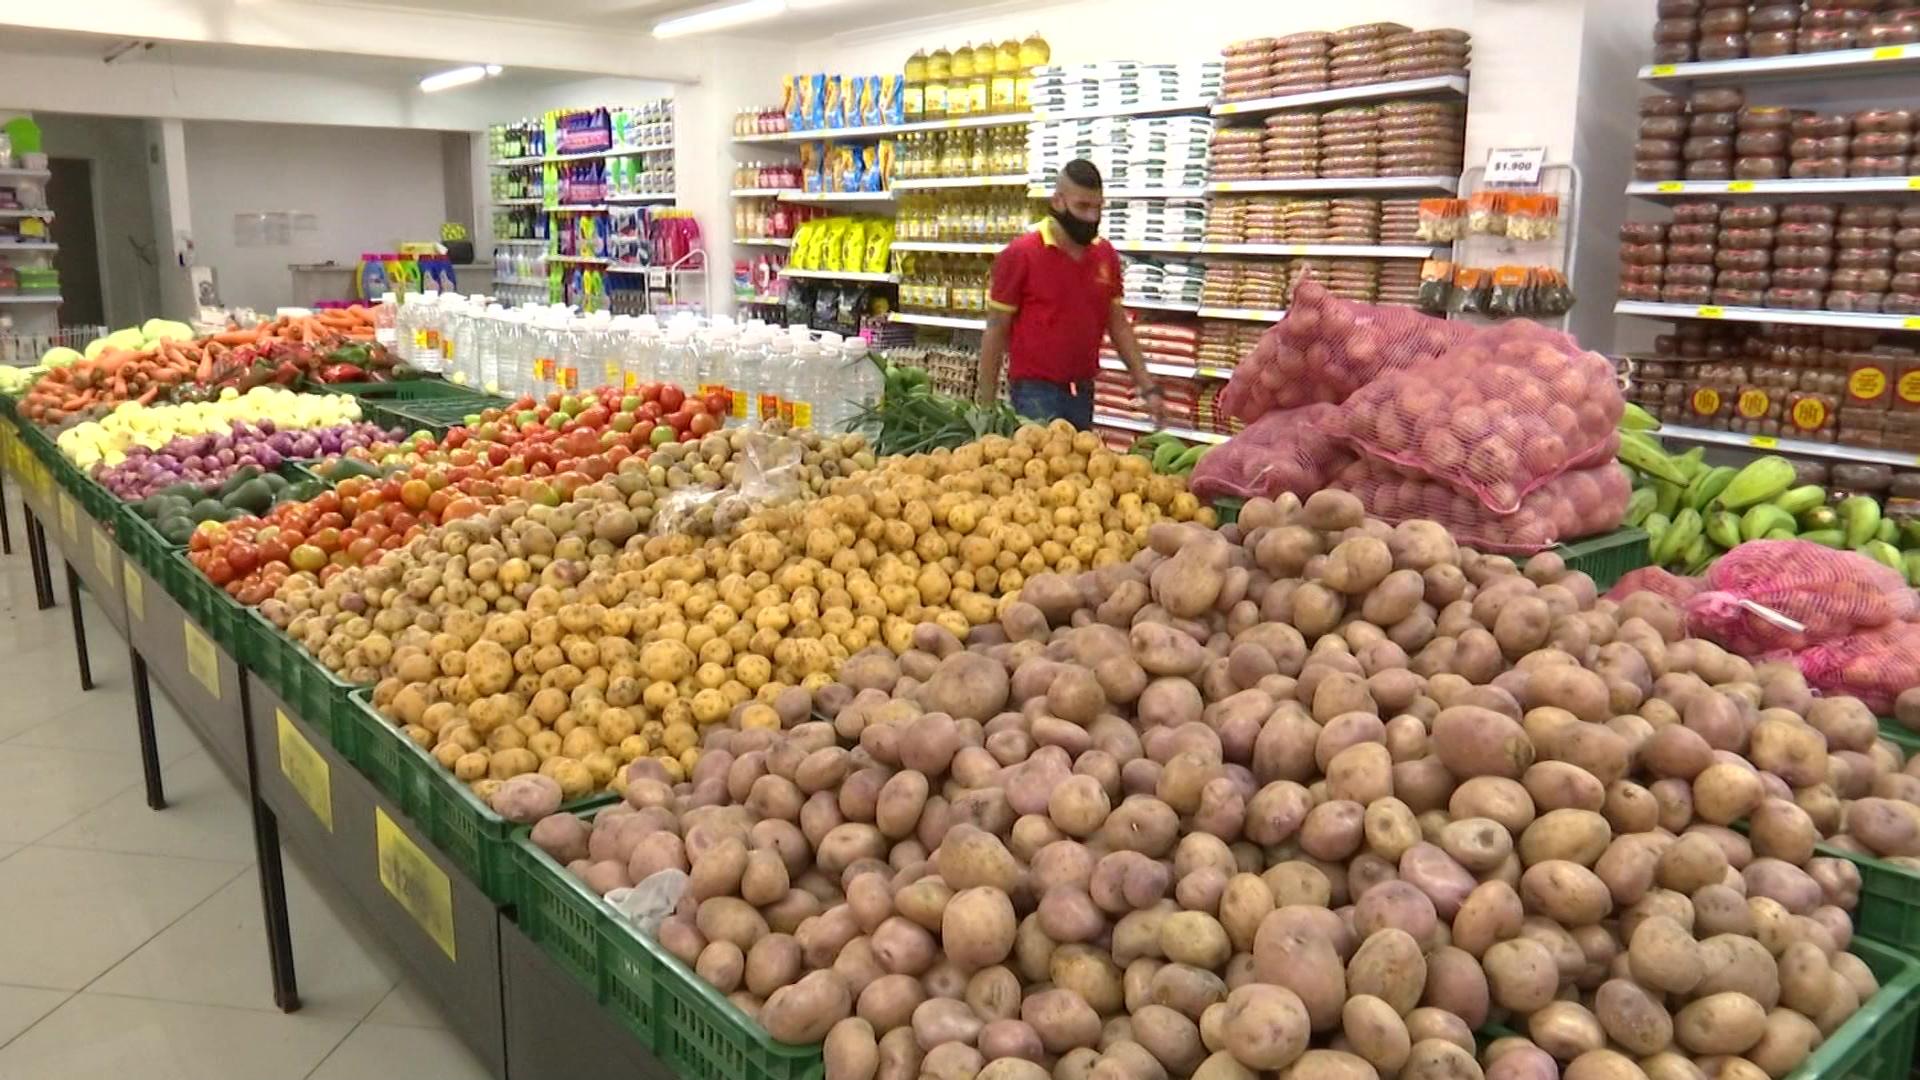 Reportan escasez y sobrecosto en alimentos por bloqueos